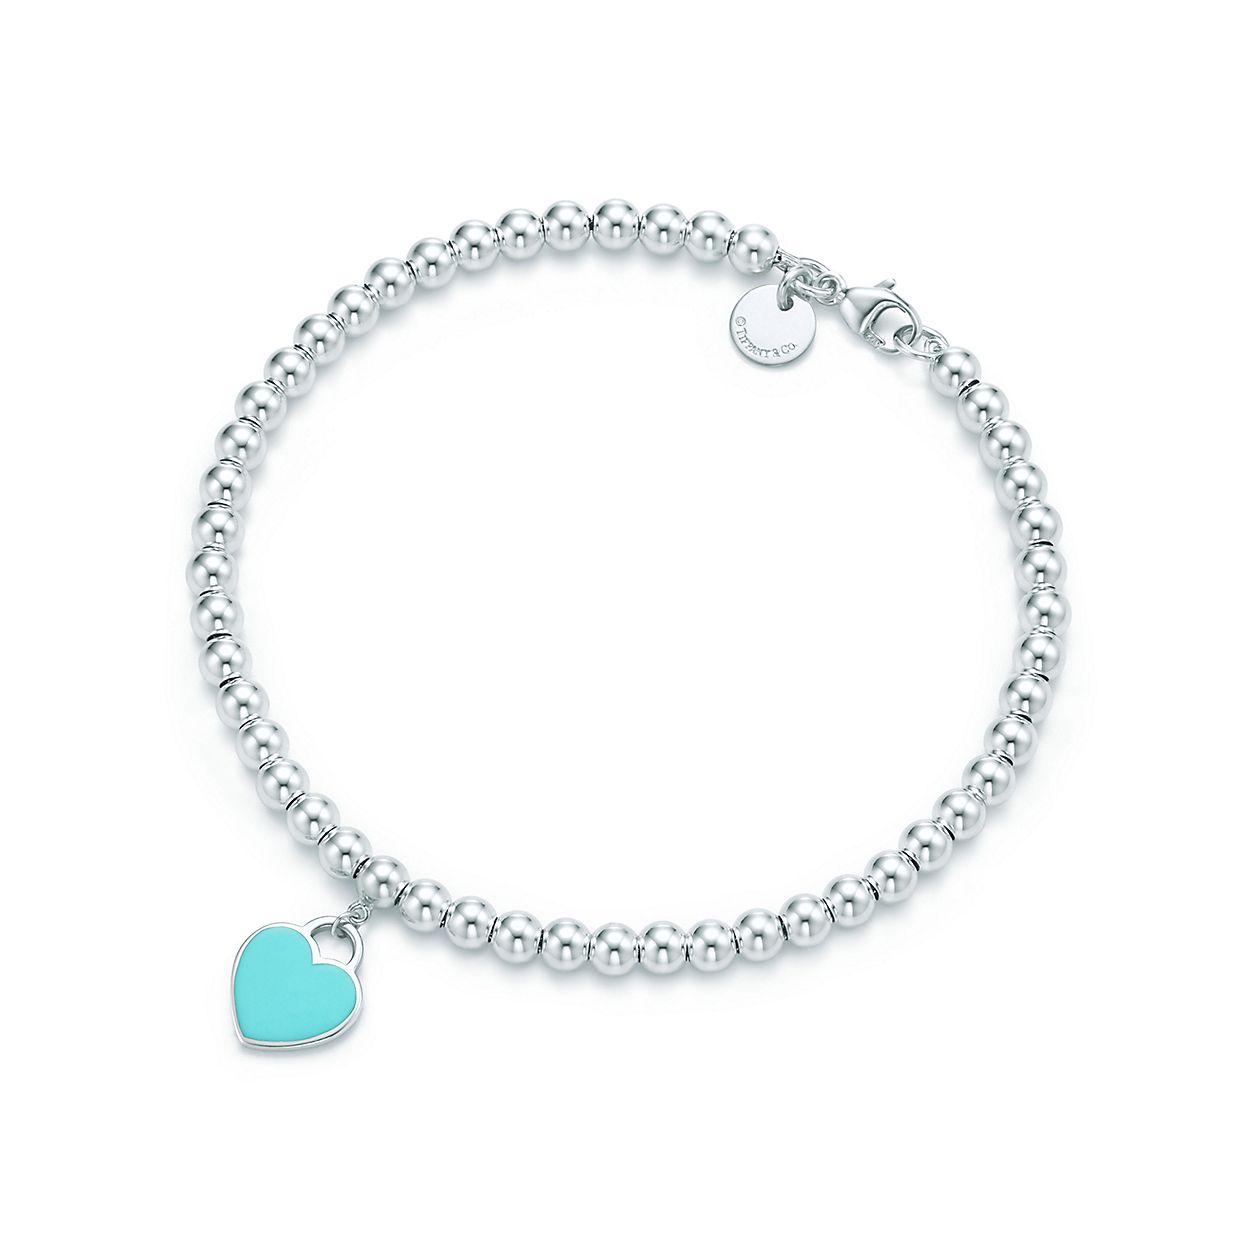 6ba315515 Return To Tiffany™ Mini Heart Tag Bead Bracelet | Tiffany & Co.